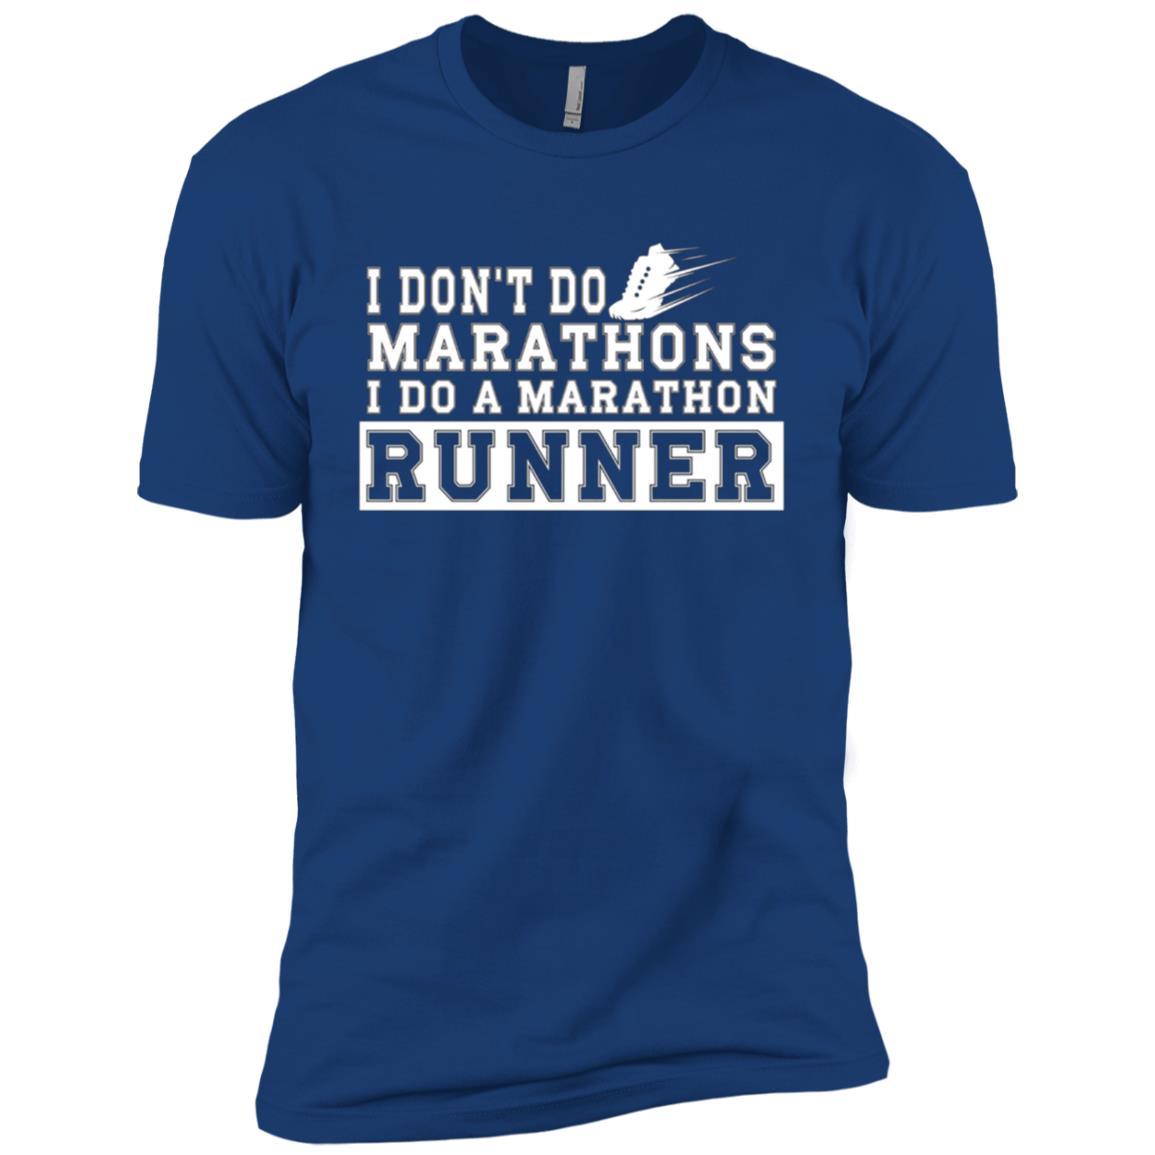 I DON'T DO MARATHONS I DO A MARATHON RUNNER Men Short Sleeve T-Shirt